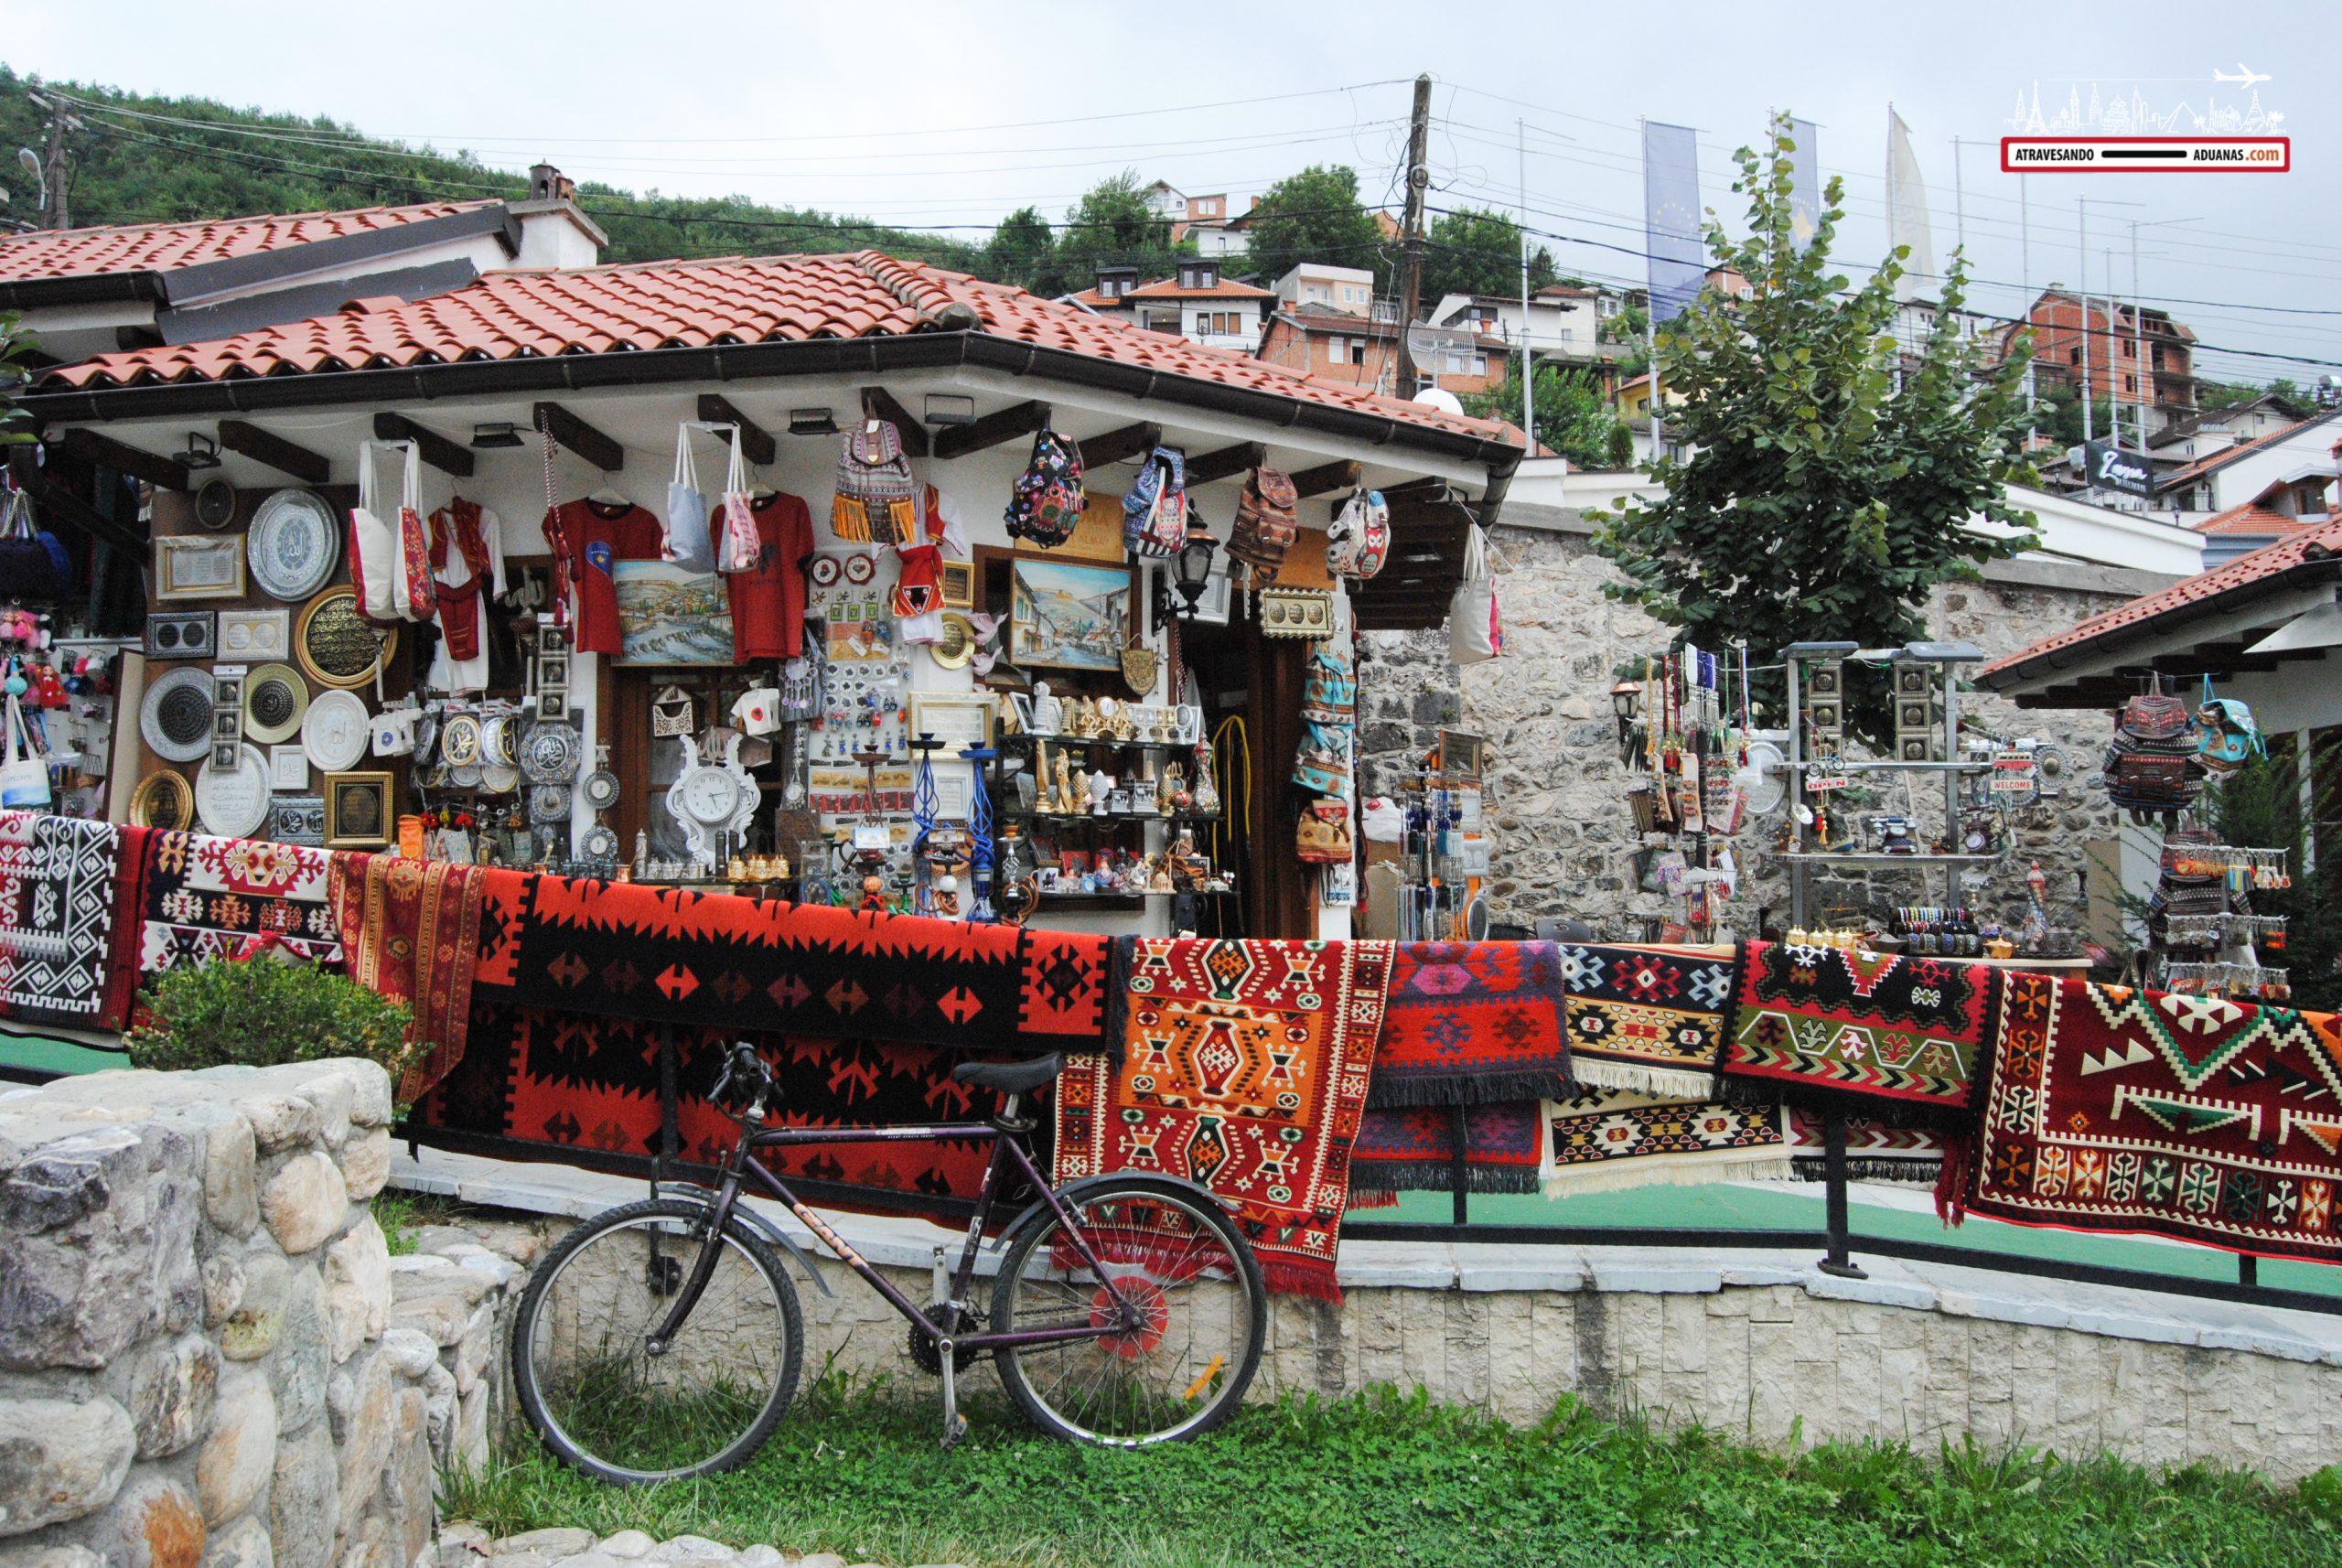 Tienda en Kosovo